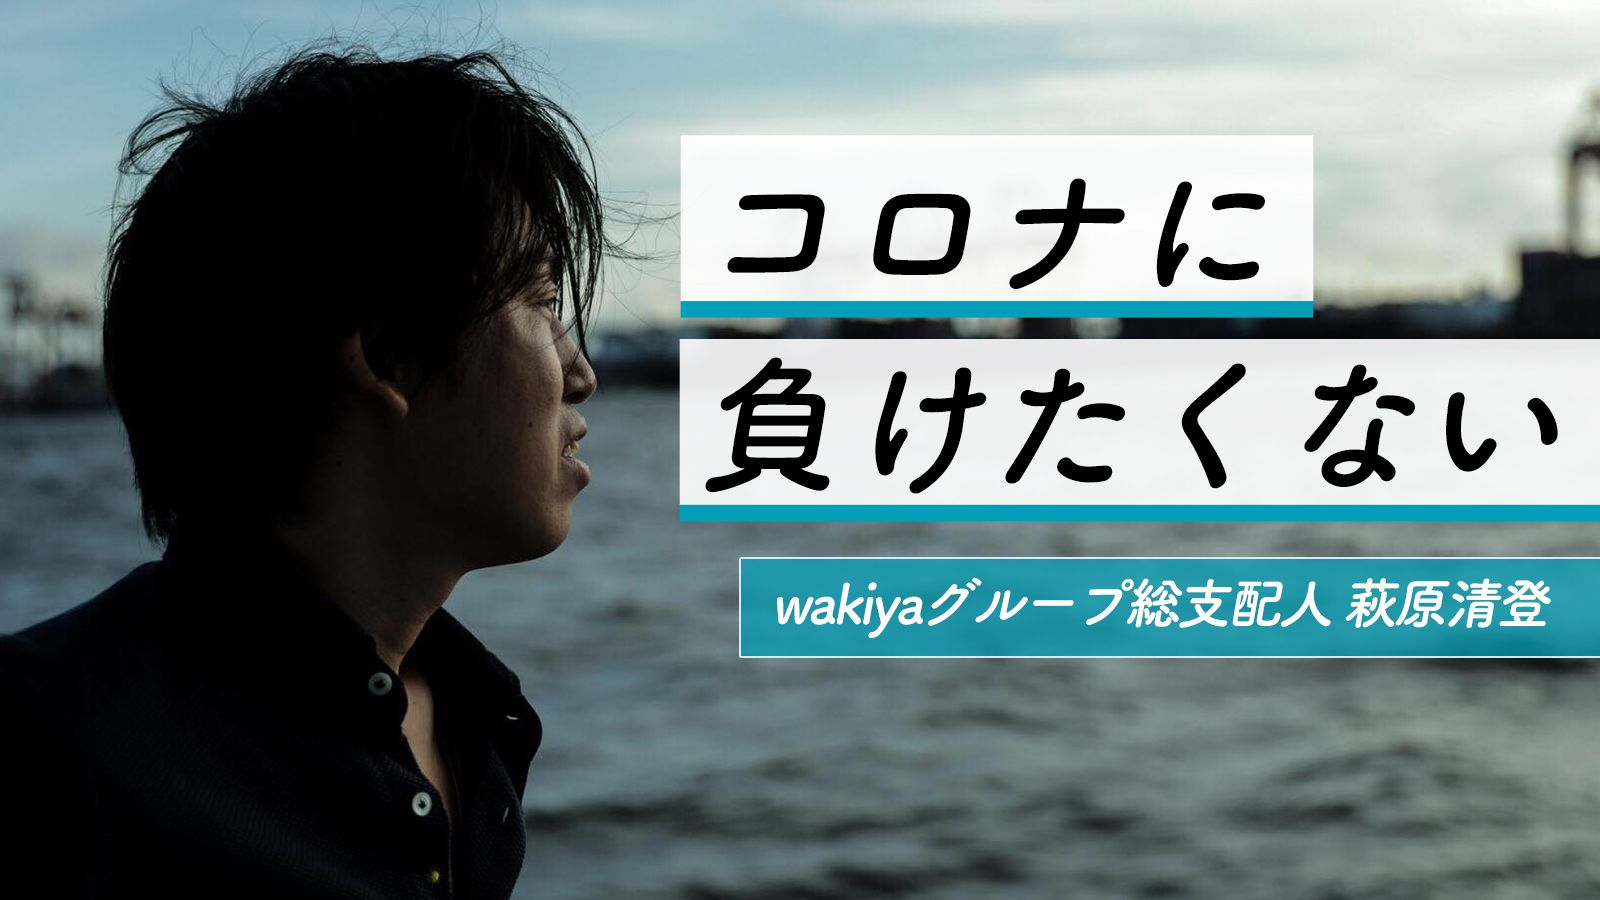 飲食業界全体で手を取り合うために。いち早く「みらい食事券」をつくった赤坂の名店wakiyaの取り組み